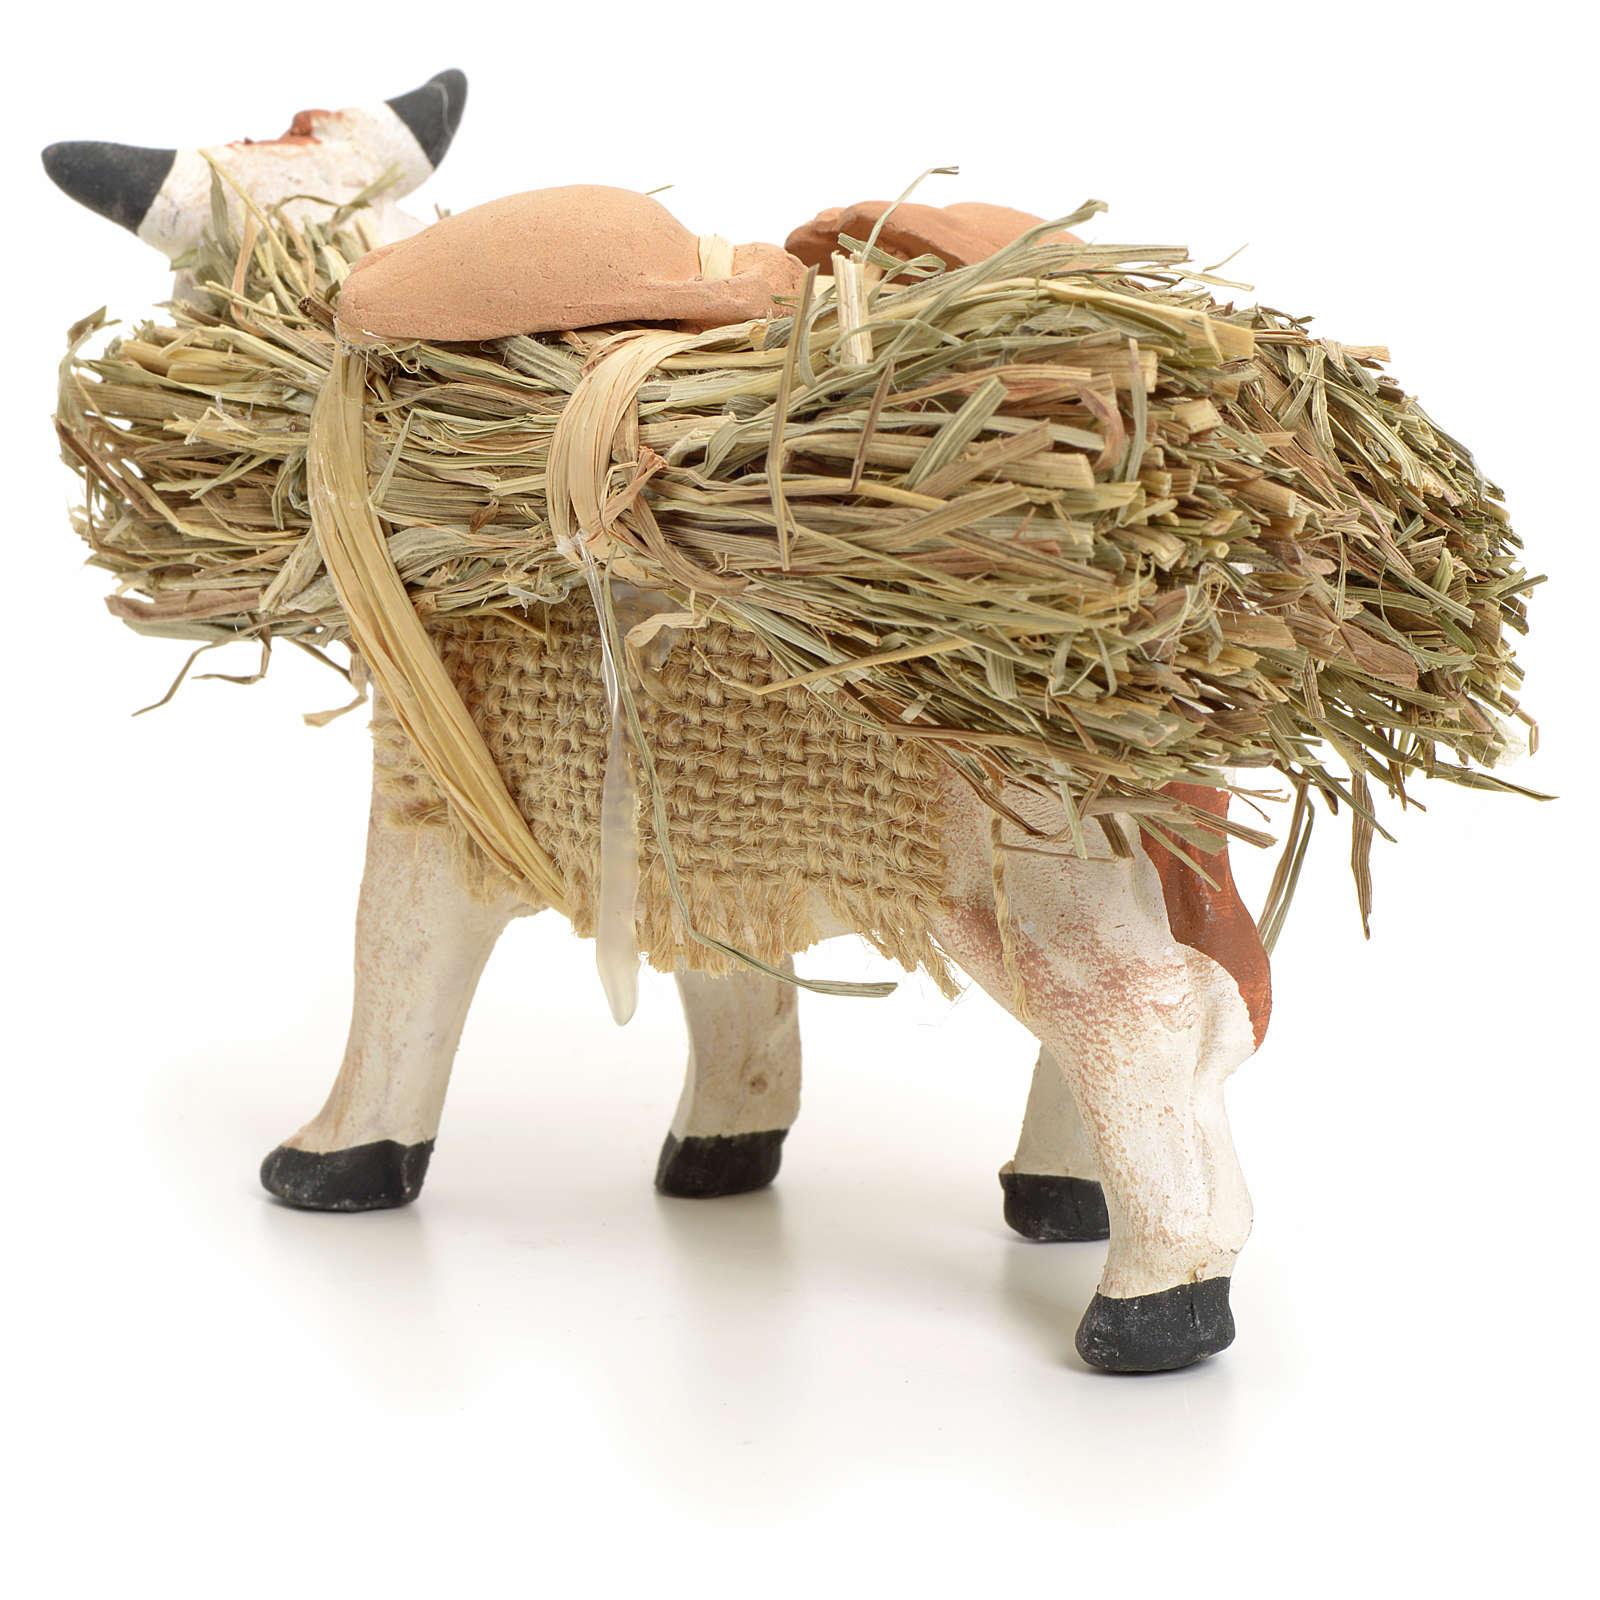 Neapolitan Nativity figurine, cow with straw bundle, 8 cm 4